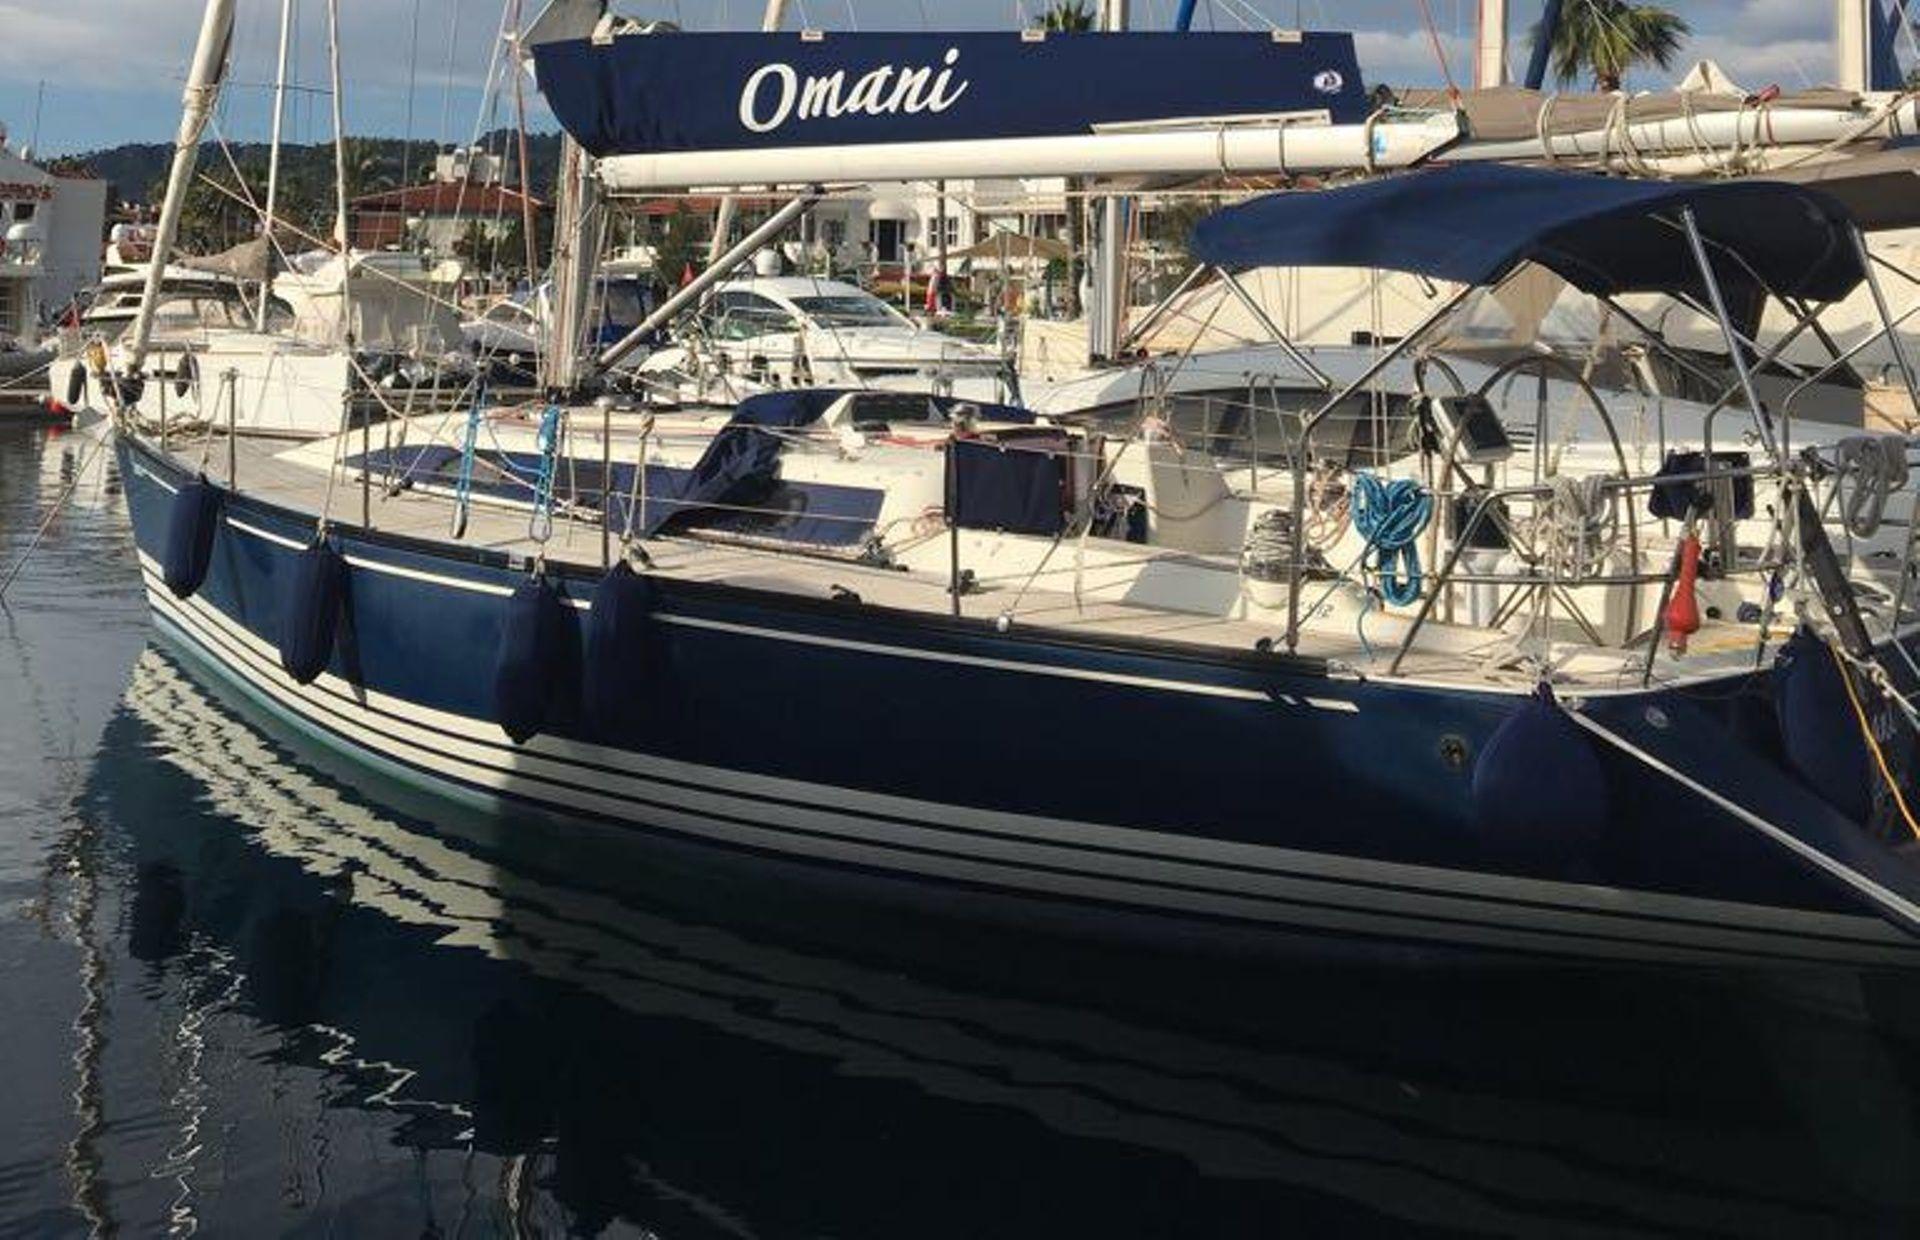 https://media.insailing.com/boat/omani/image_1581533173378.jpg